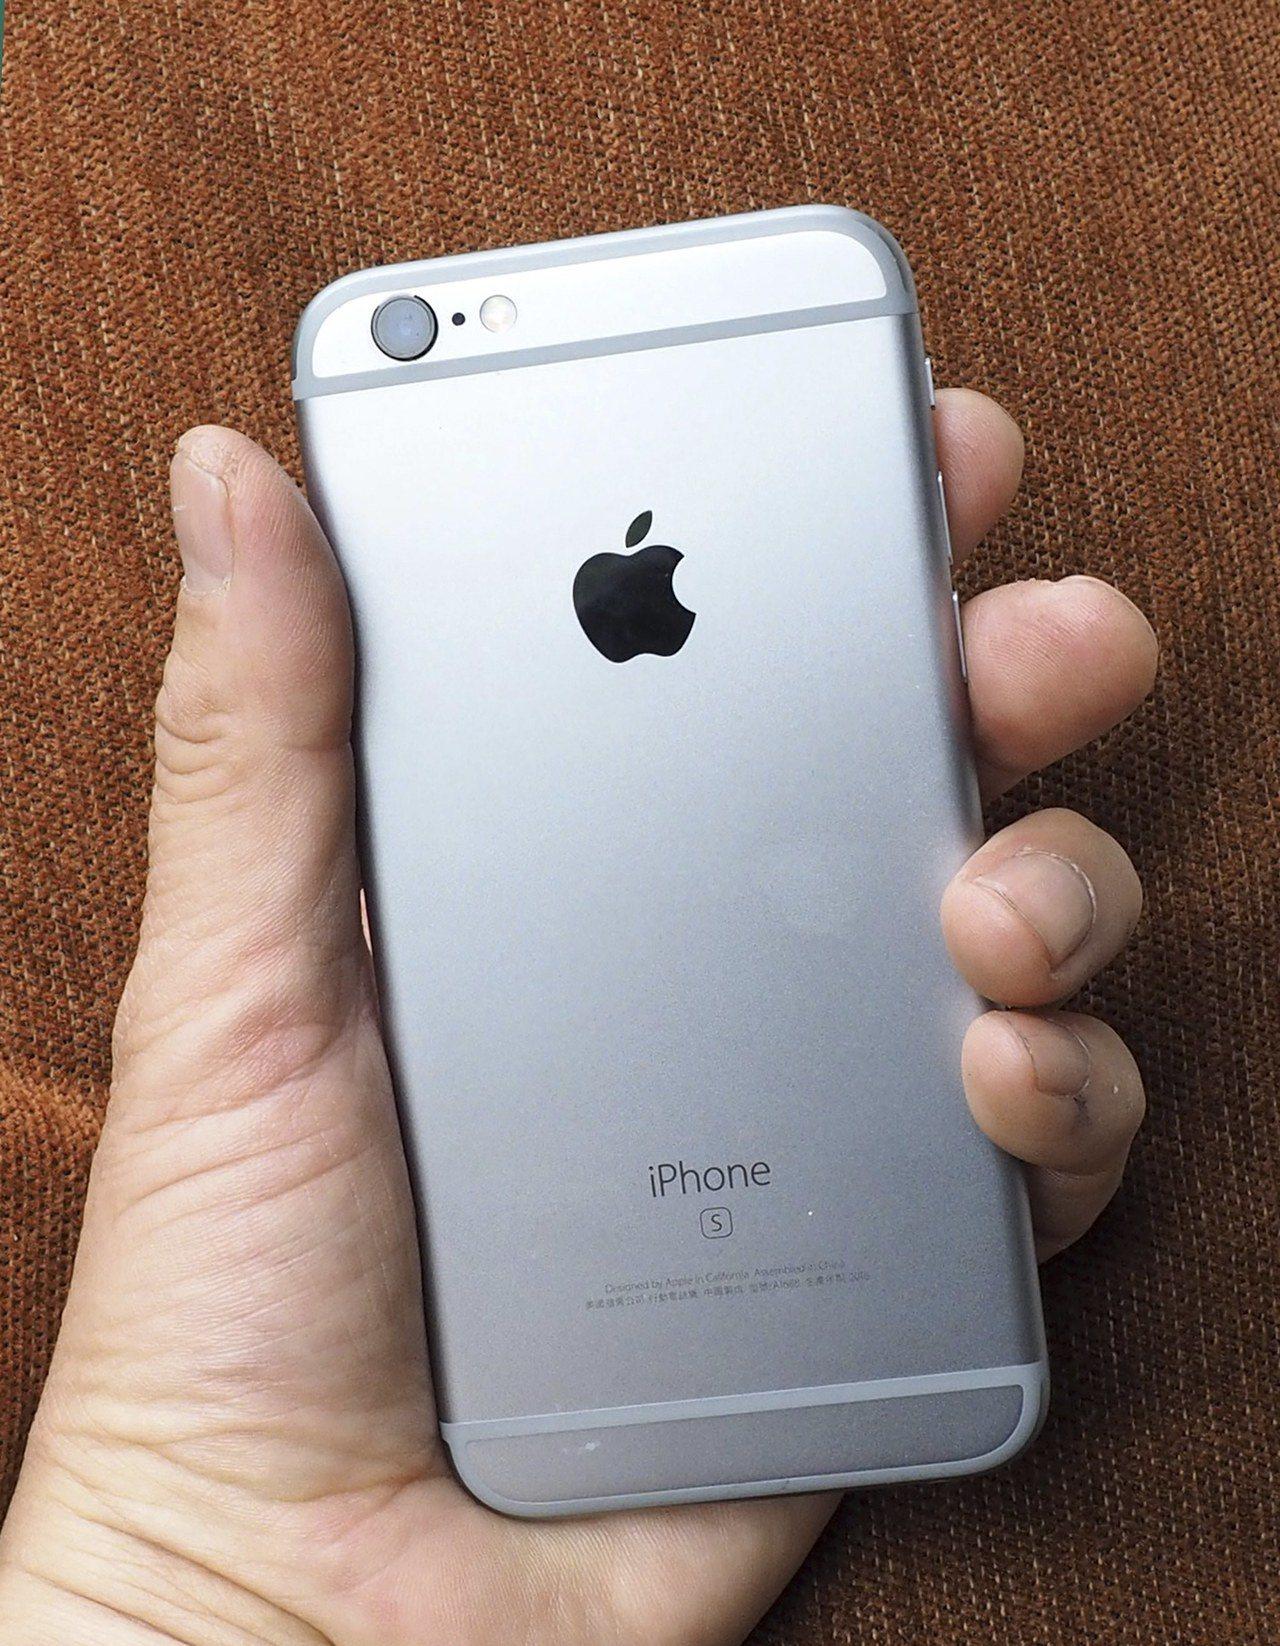 蘋果證實,消費者iPhone6以上機種電池無論檢測結果如何,都可用優惠價更換電池...